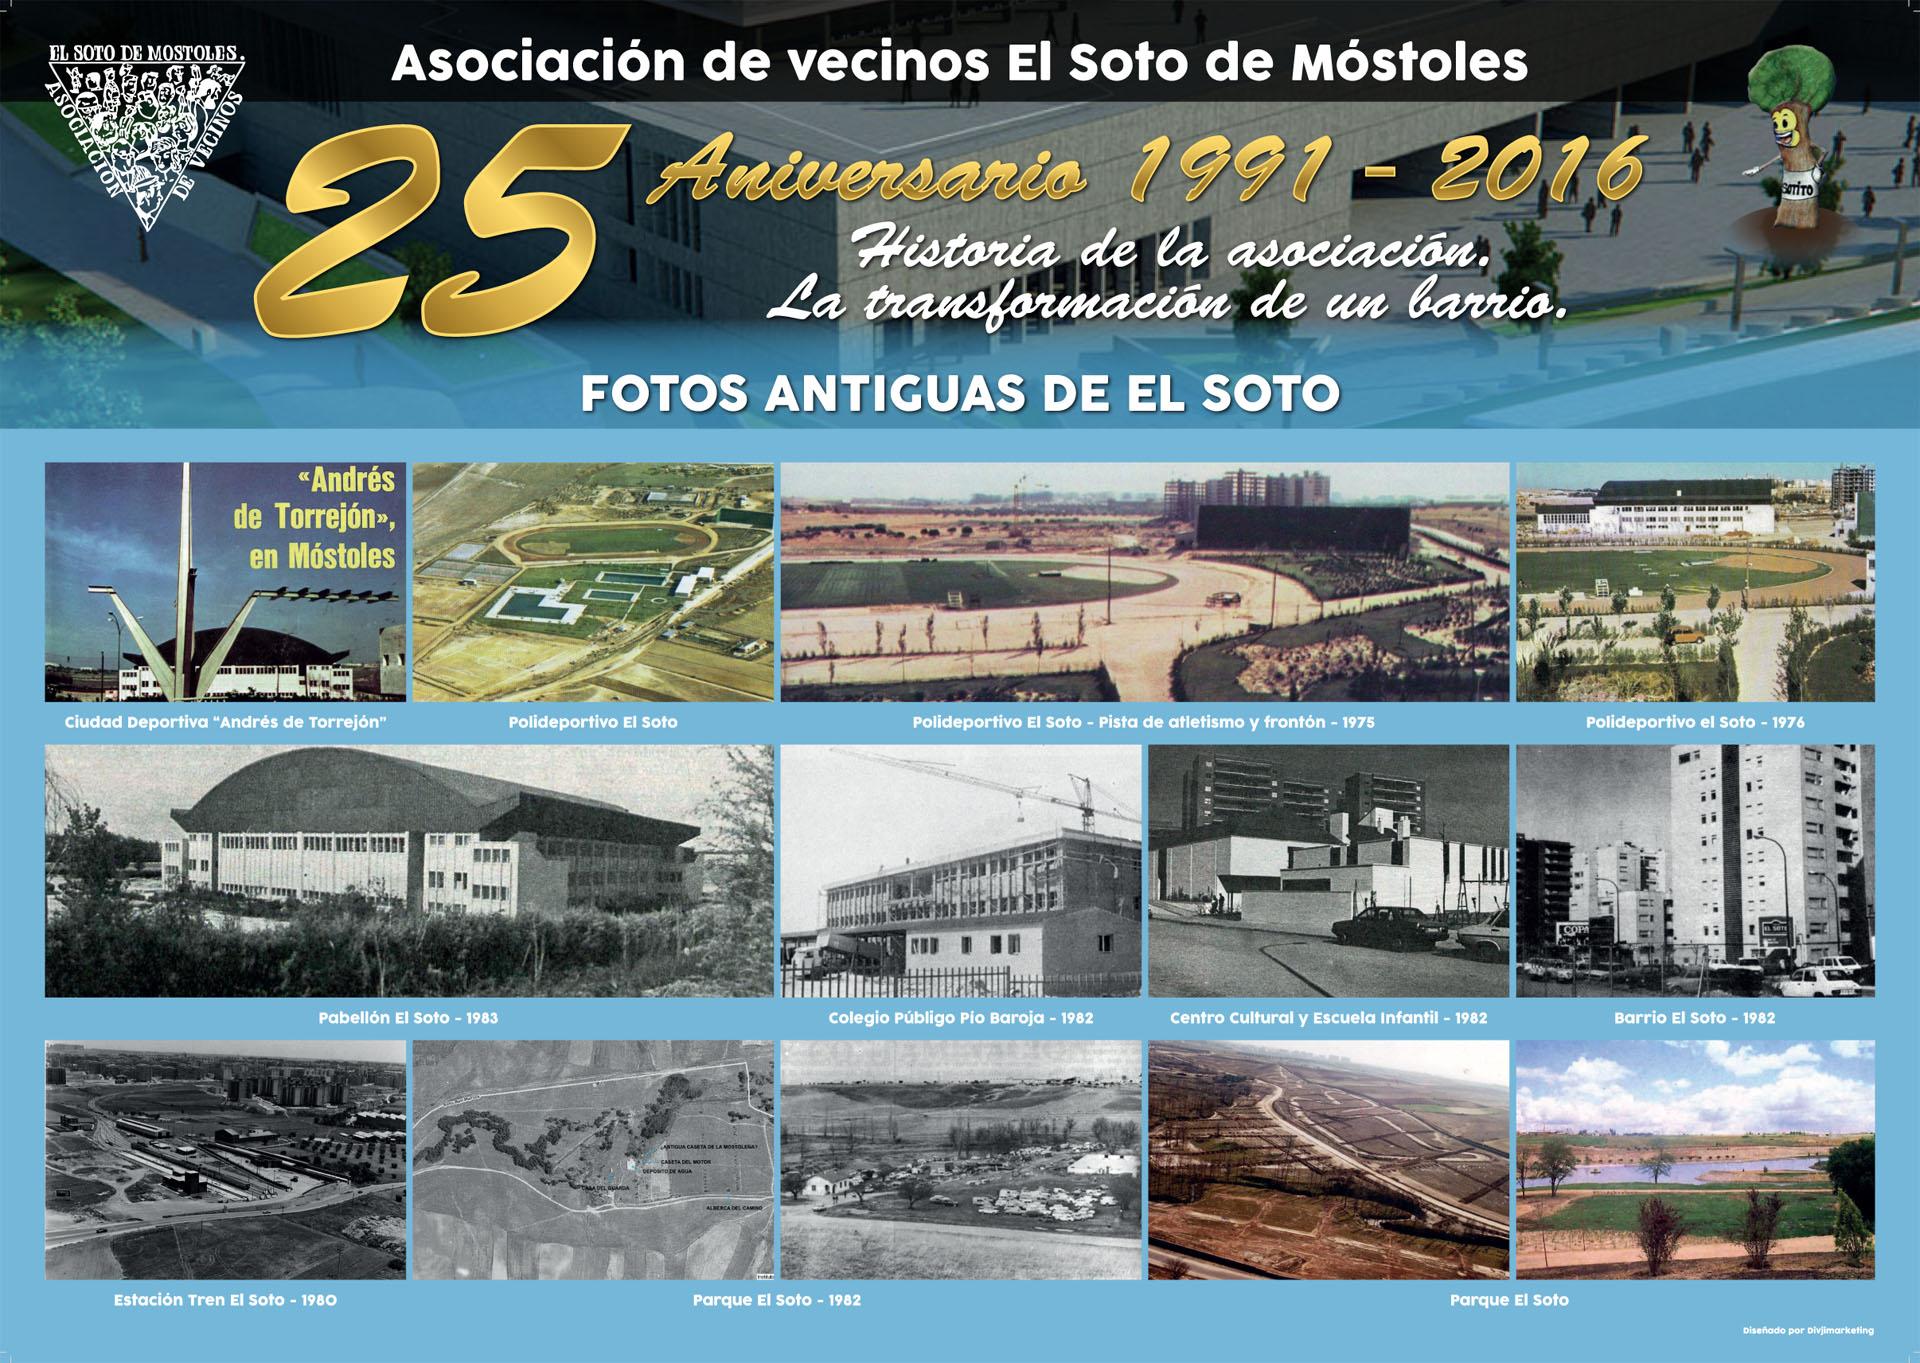 25 aniversario avv paneles avv el soto for Pisos en mostoles el soto